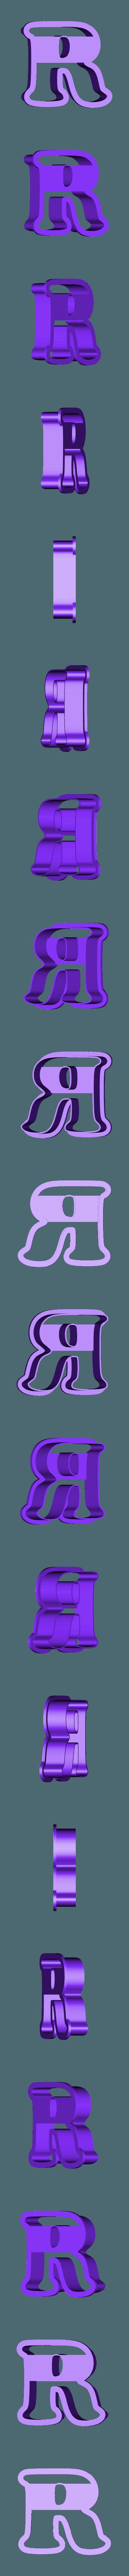 r.stl Download free STL file A-Z alphabet cookie cutter • 3D printer design, BlackSand3DMaker